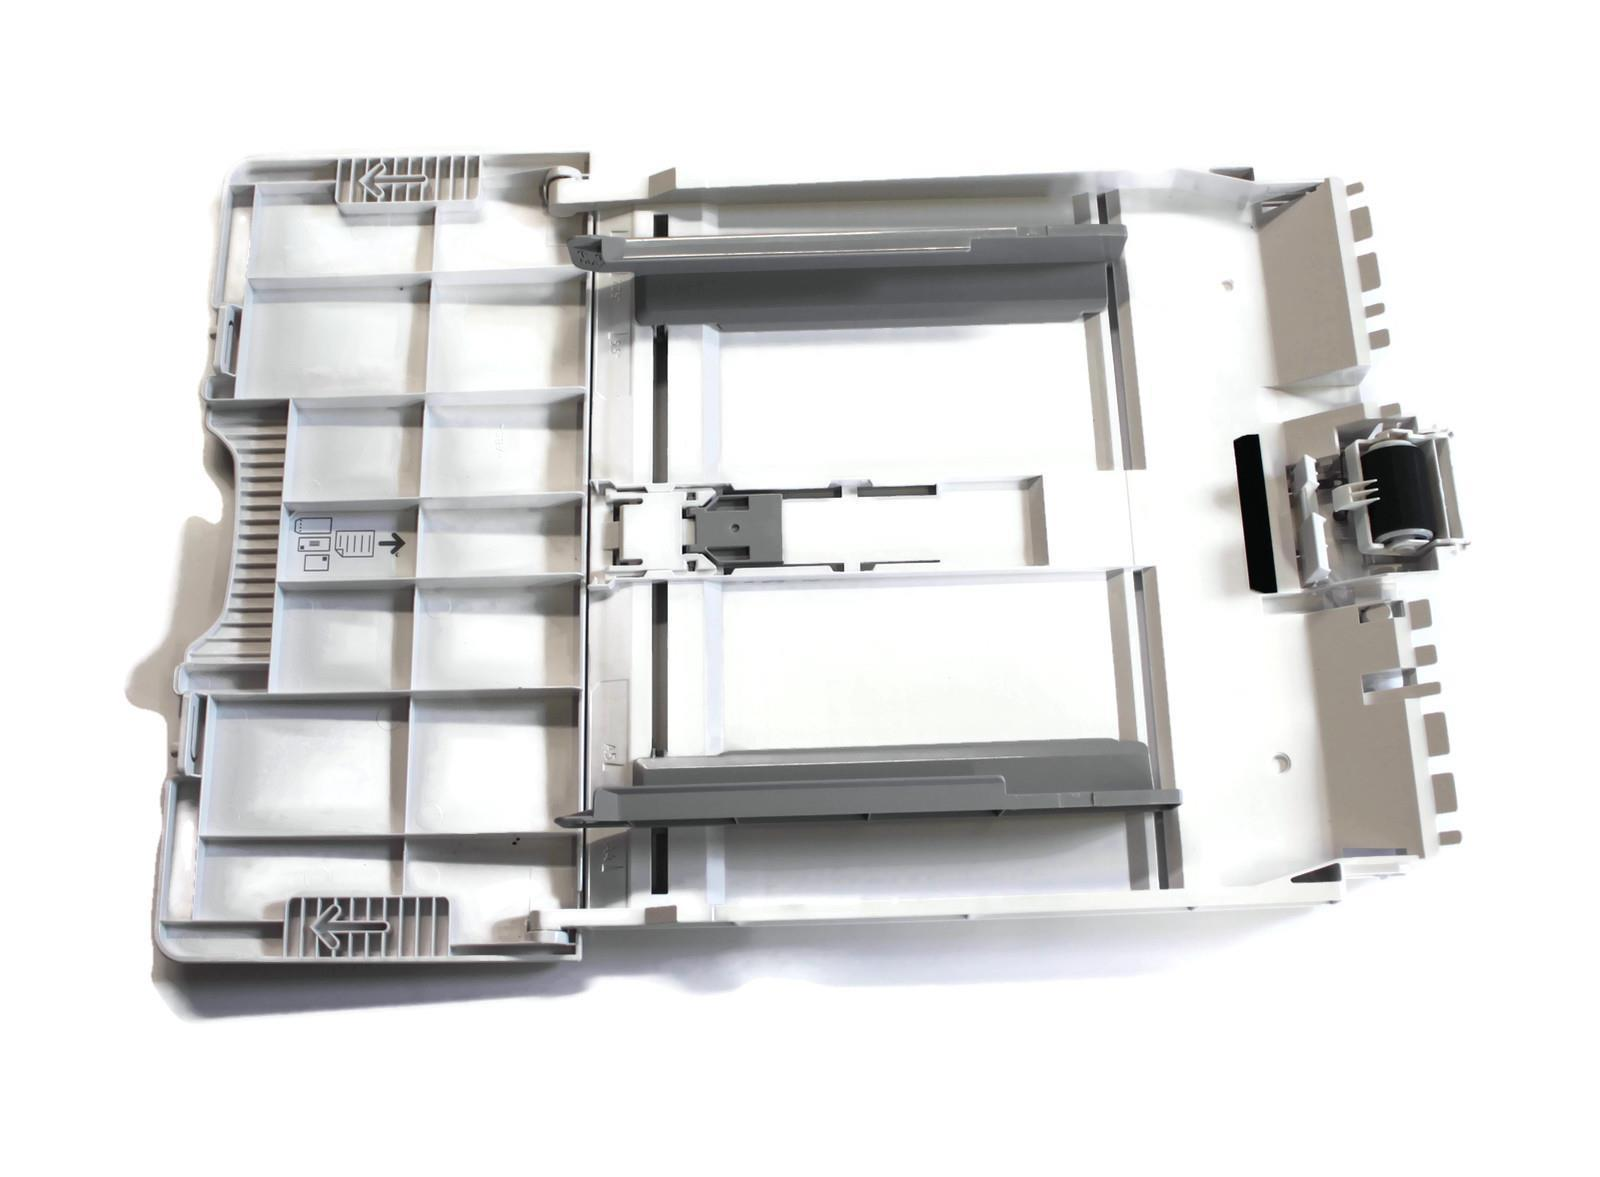 MSI Tray Assembly (Bypass Tray) 050K71290 Phaser Xerox 3610   vesarlink B400 - $34.99